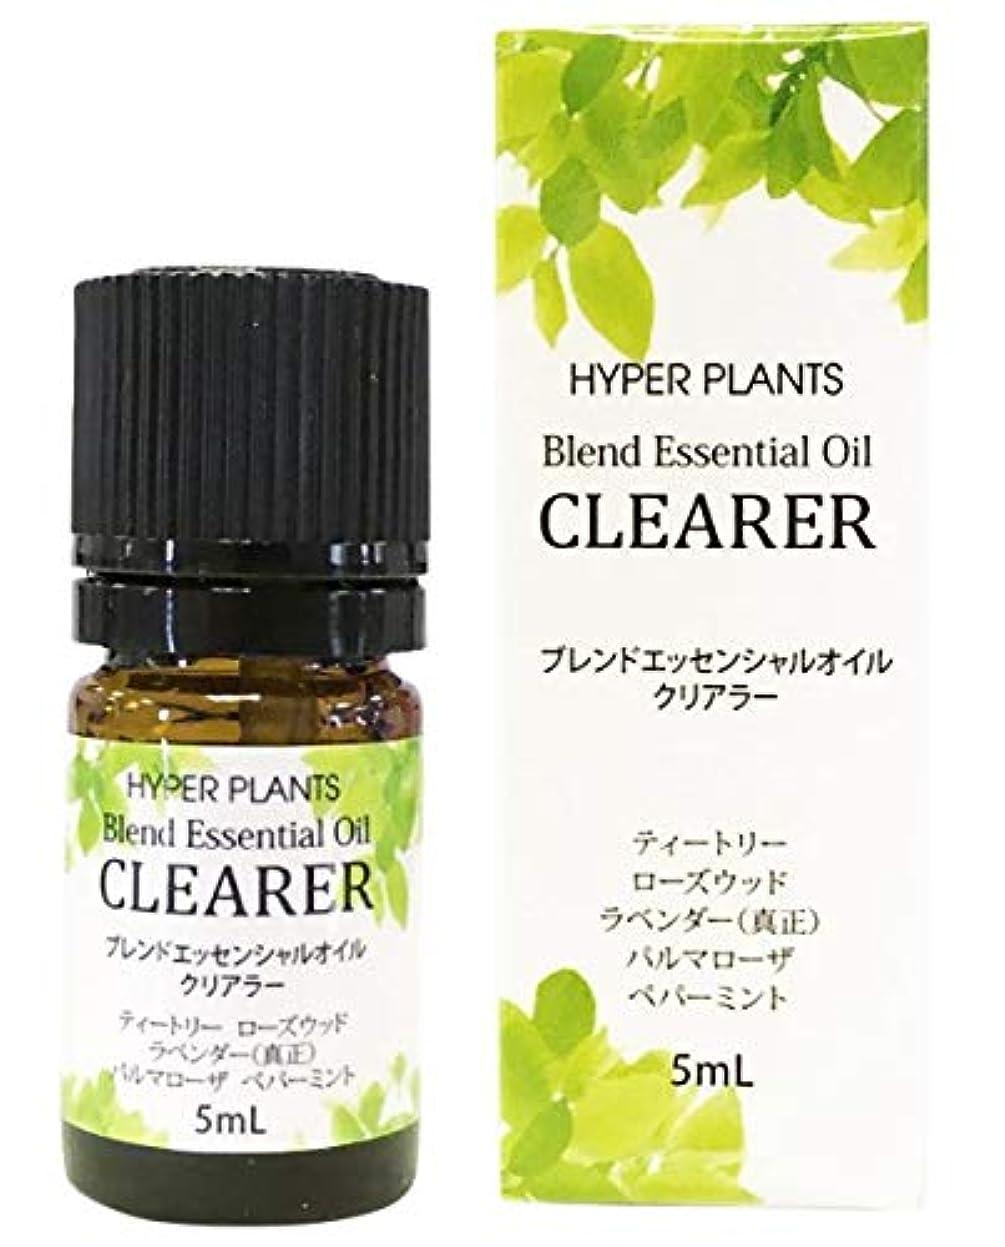 宮殿ホテル見捨てるHYPER PLANTS ハイパープランツ ブレンドエッセンシャルオイル クリアラー 5ml